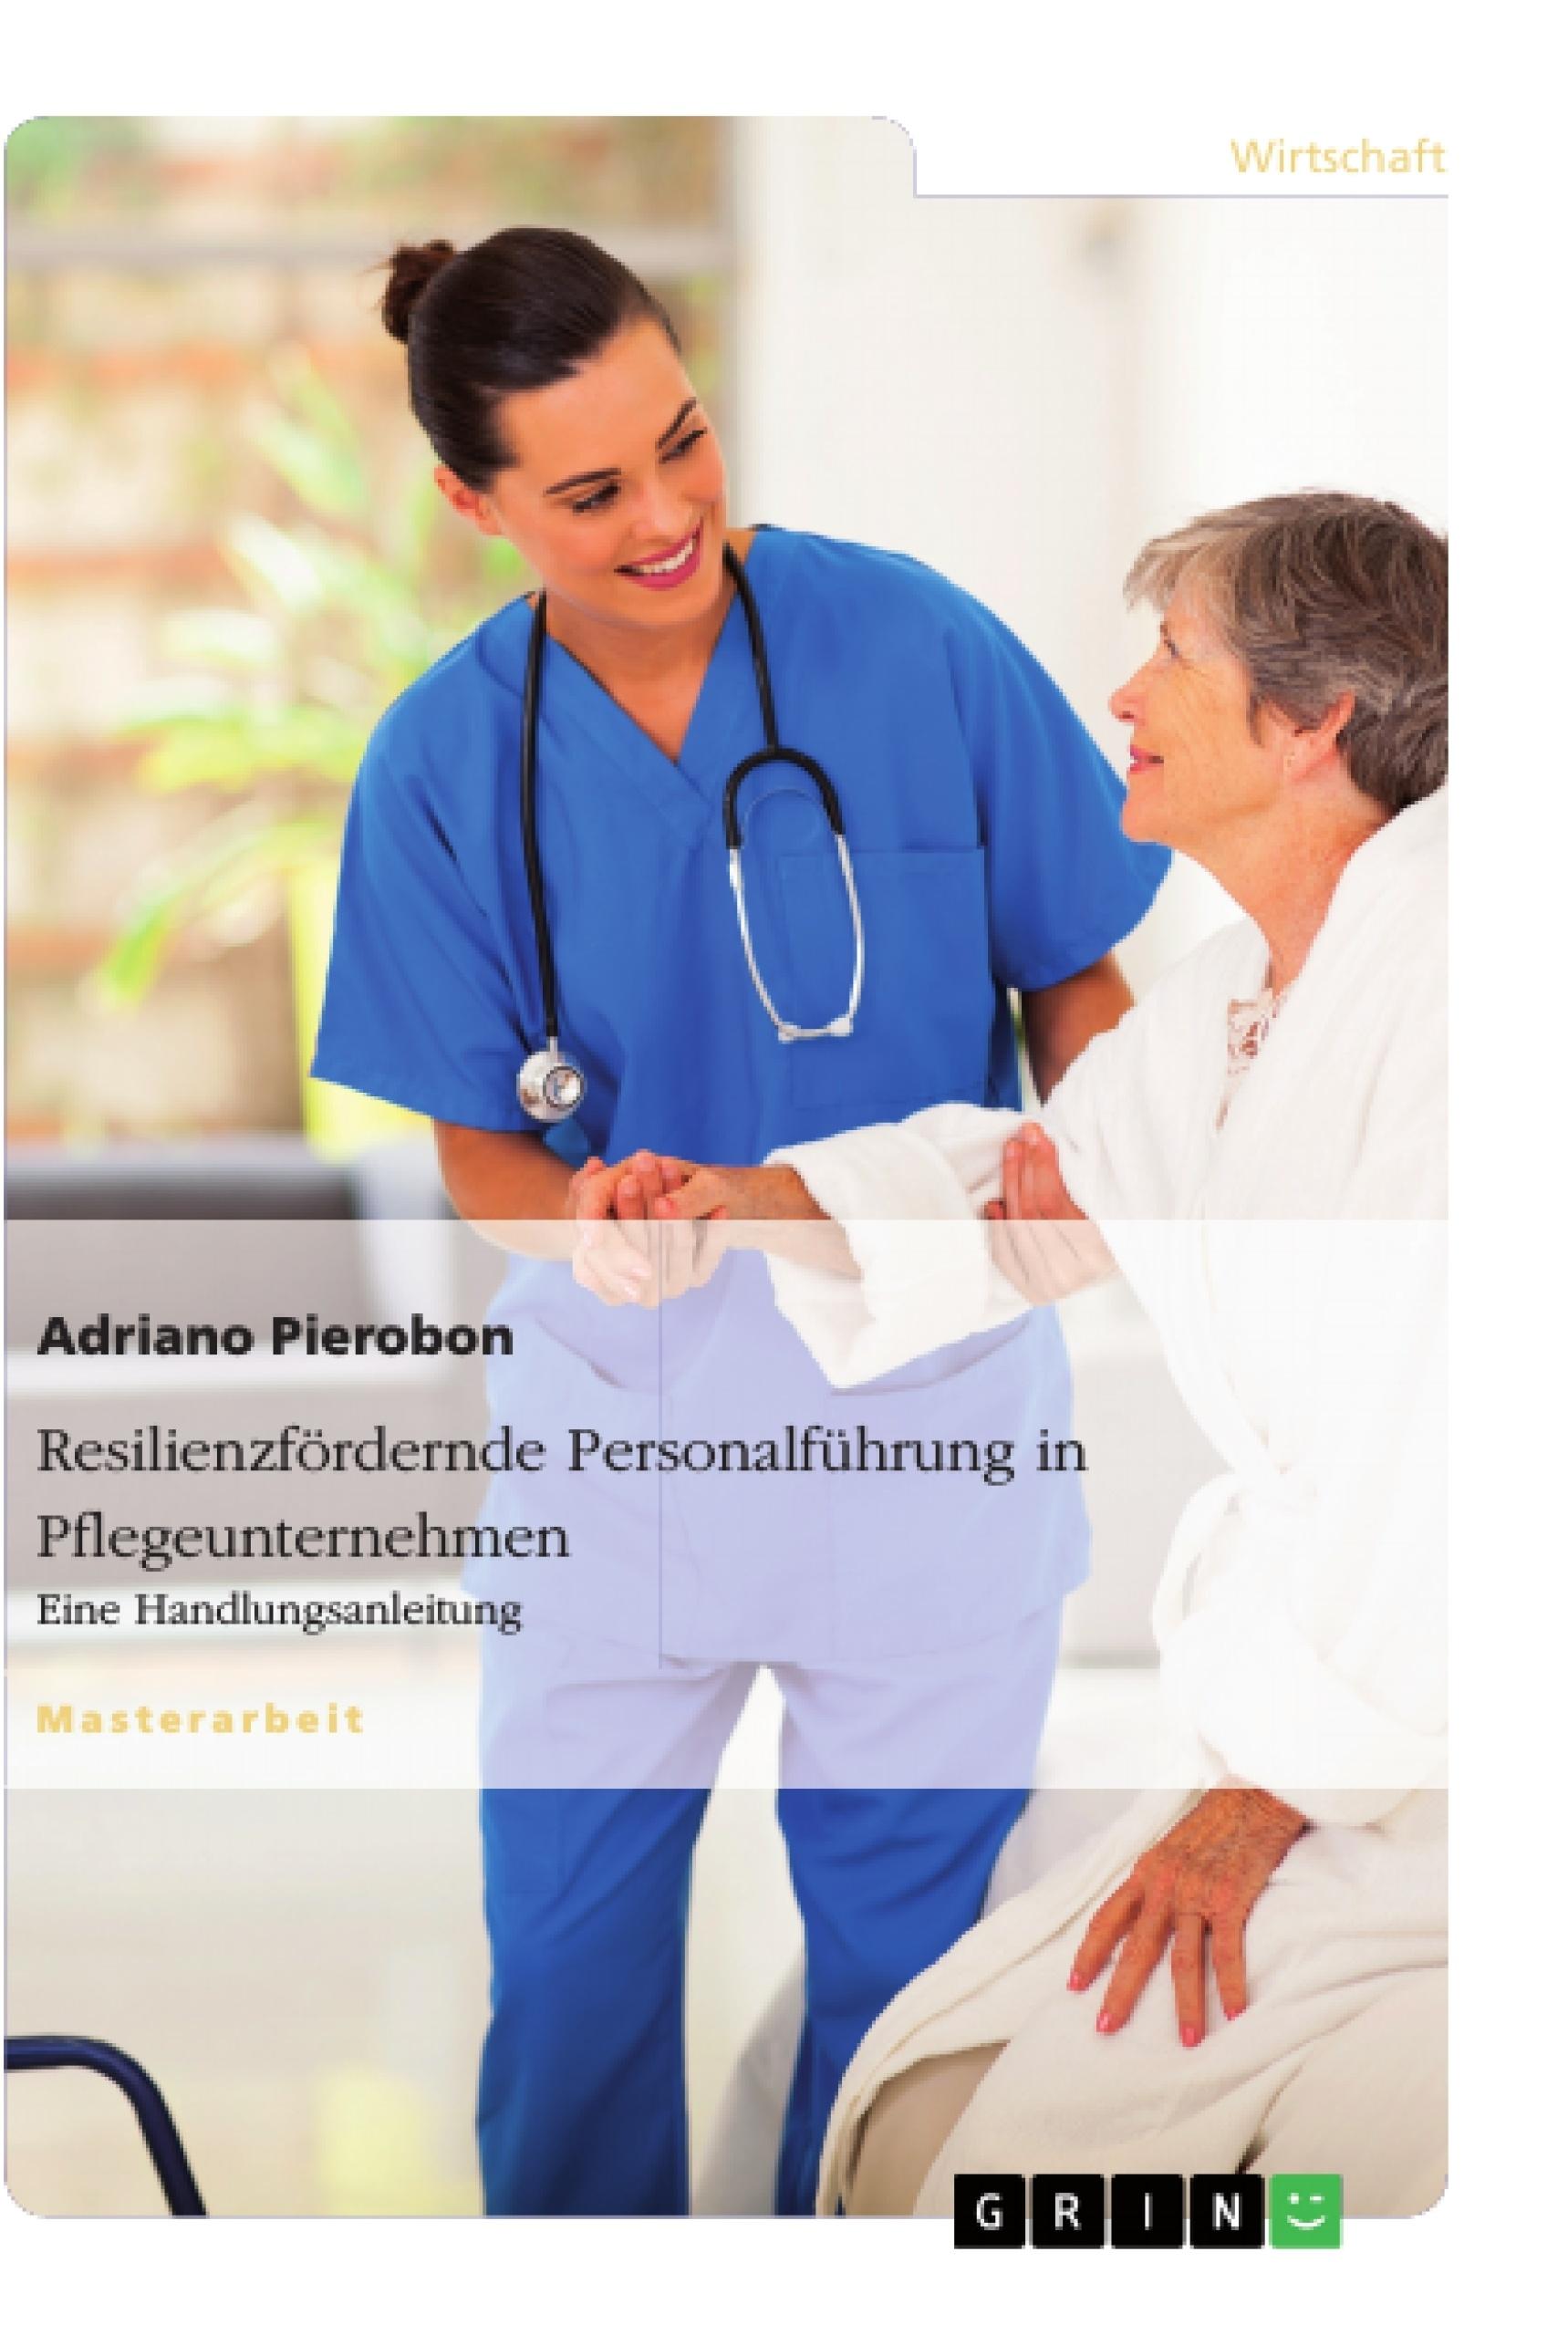 Titel: Resilienzfördernde Personalführung in Pflegeunternehmen. Eine Handlungsanleitung